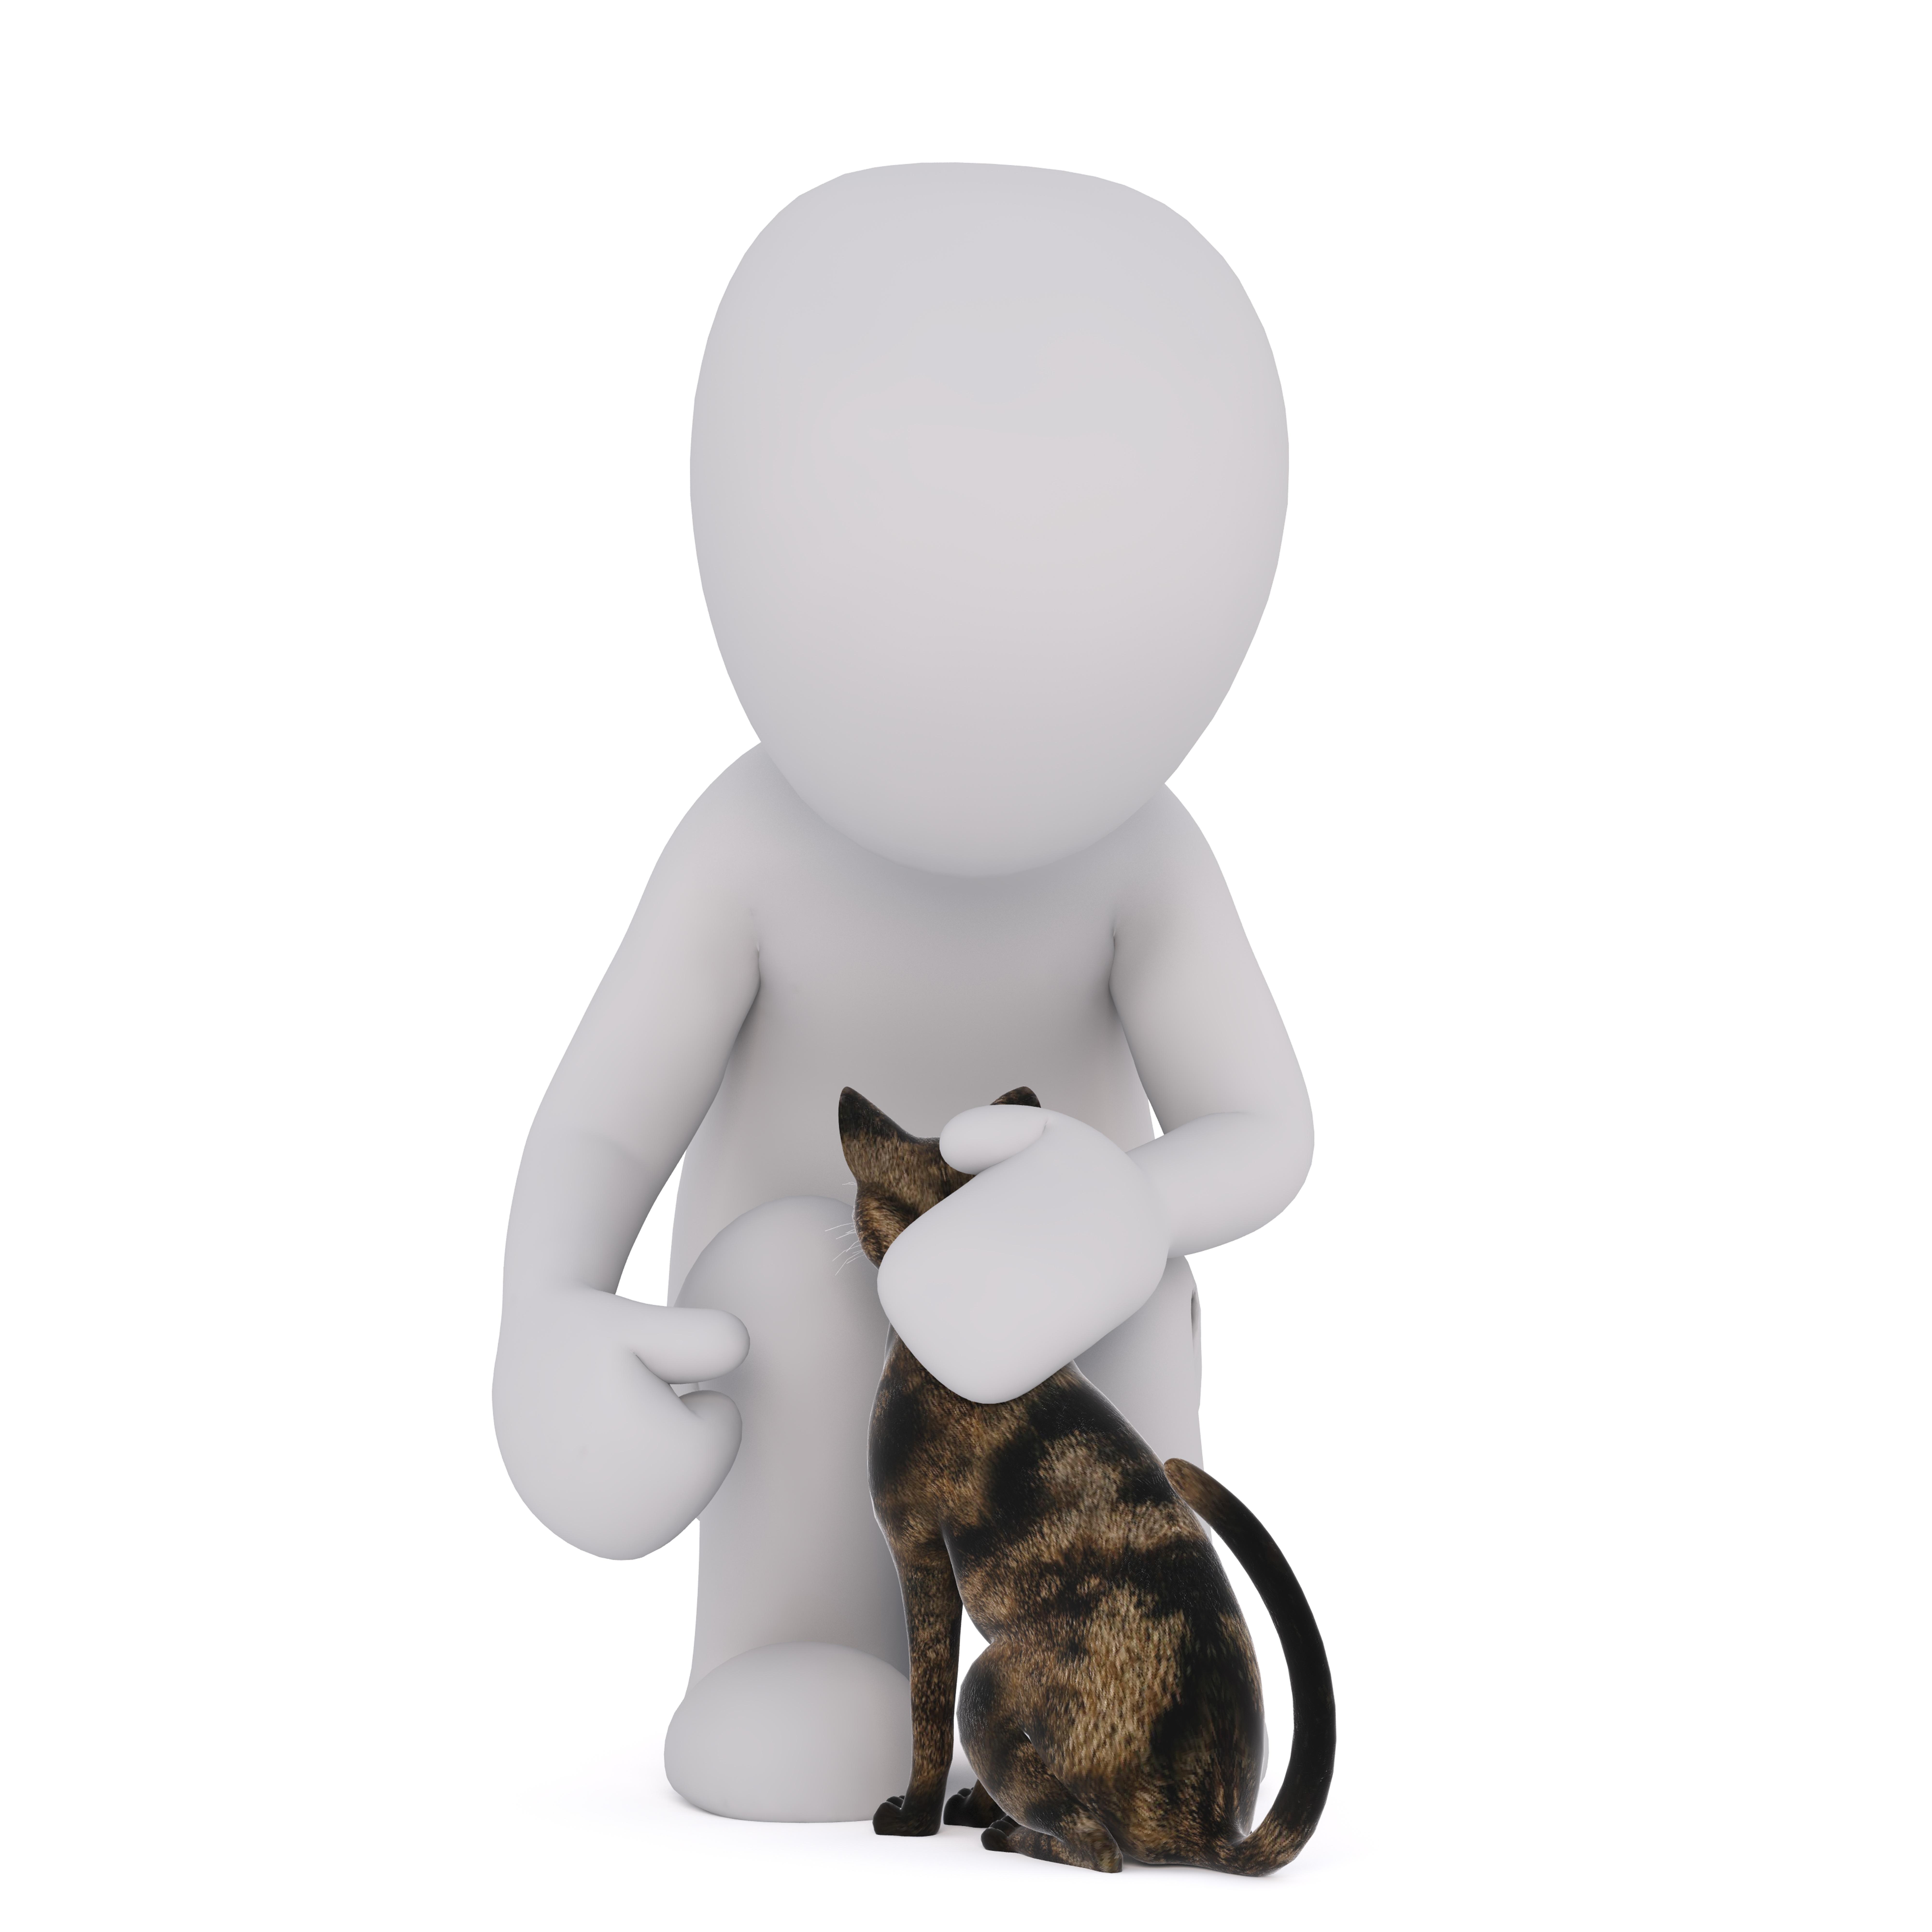 Download 95+  Gambar Kartun Kucing Dan Manusia Paling Lucu